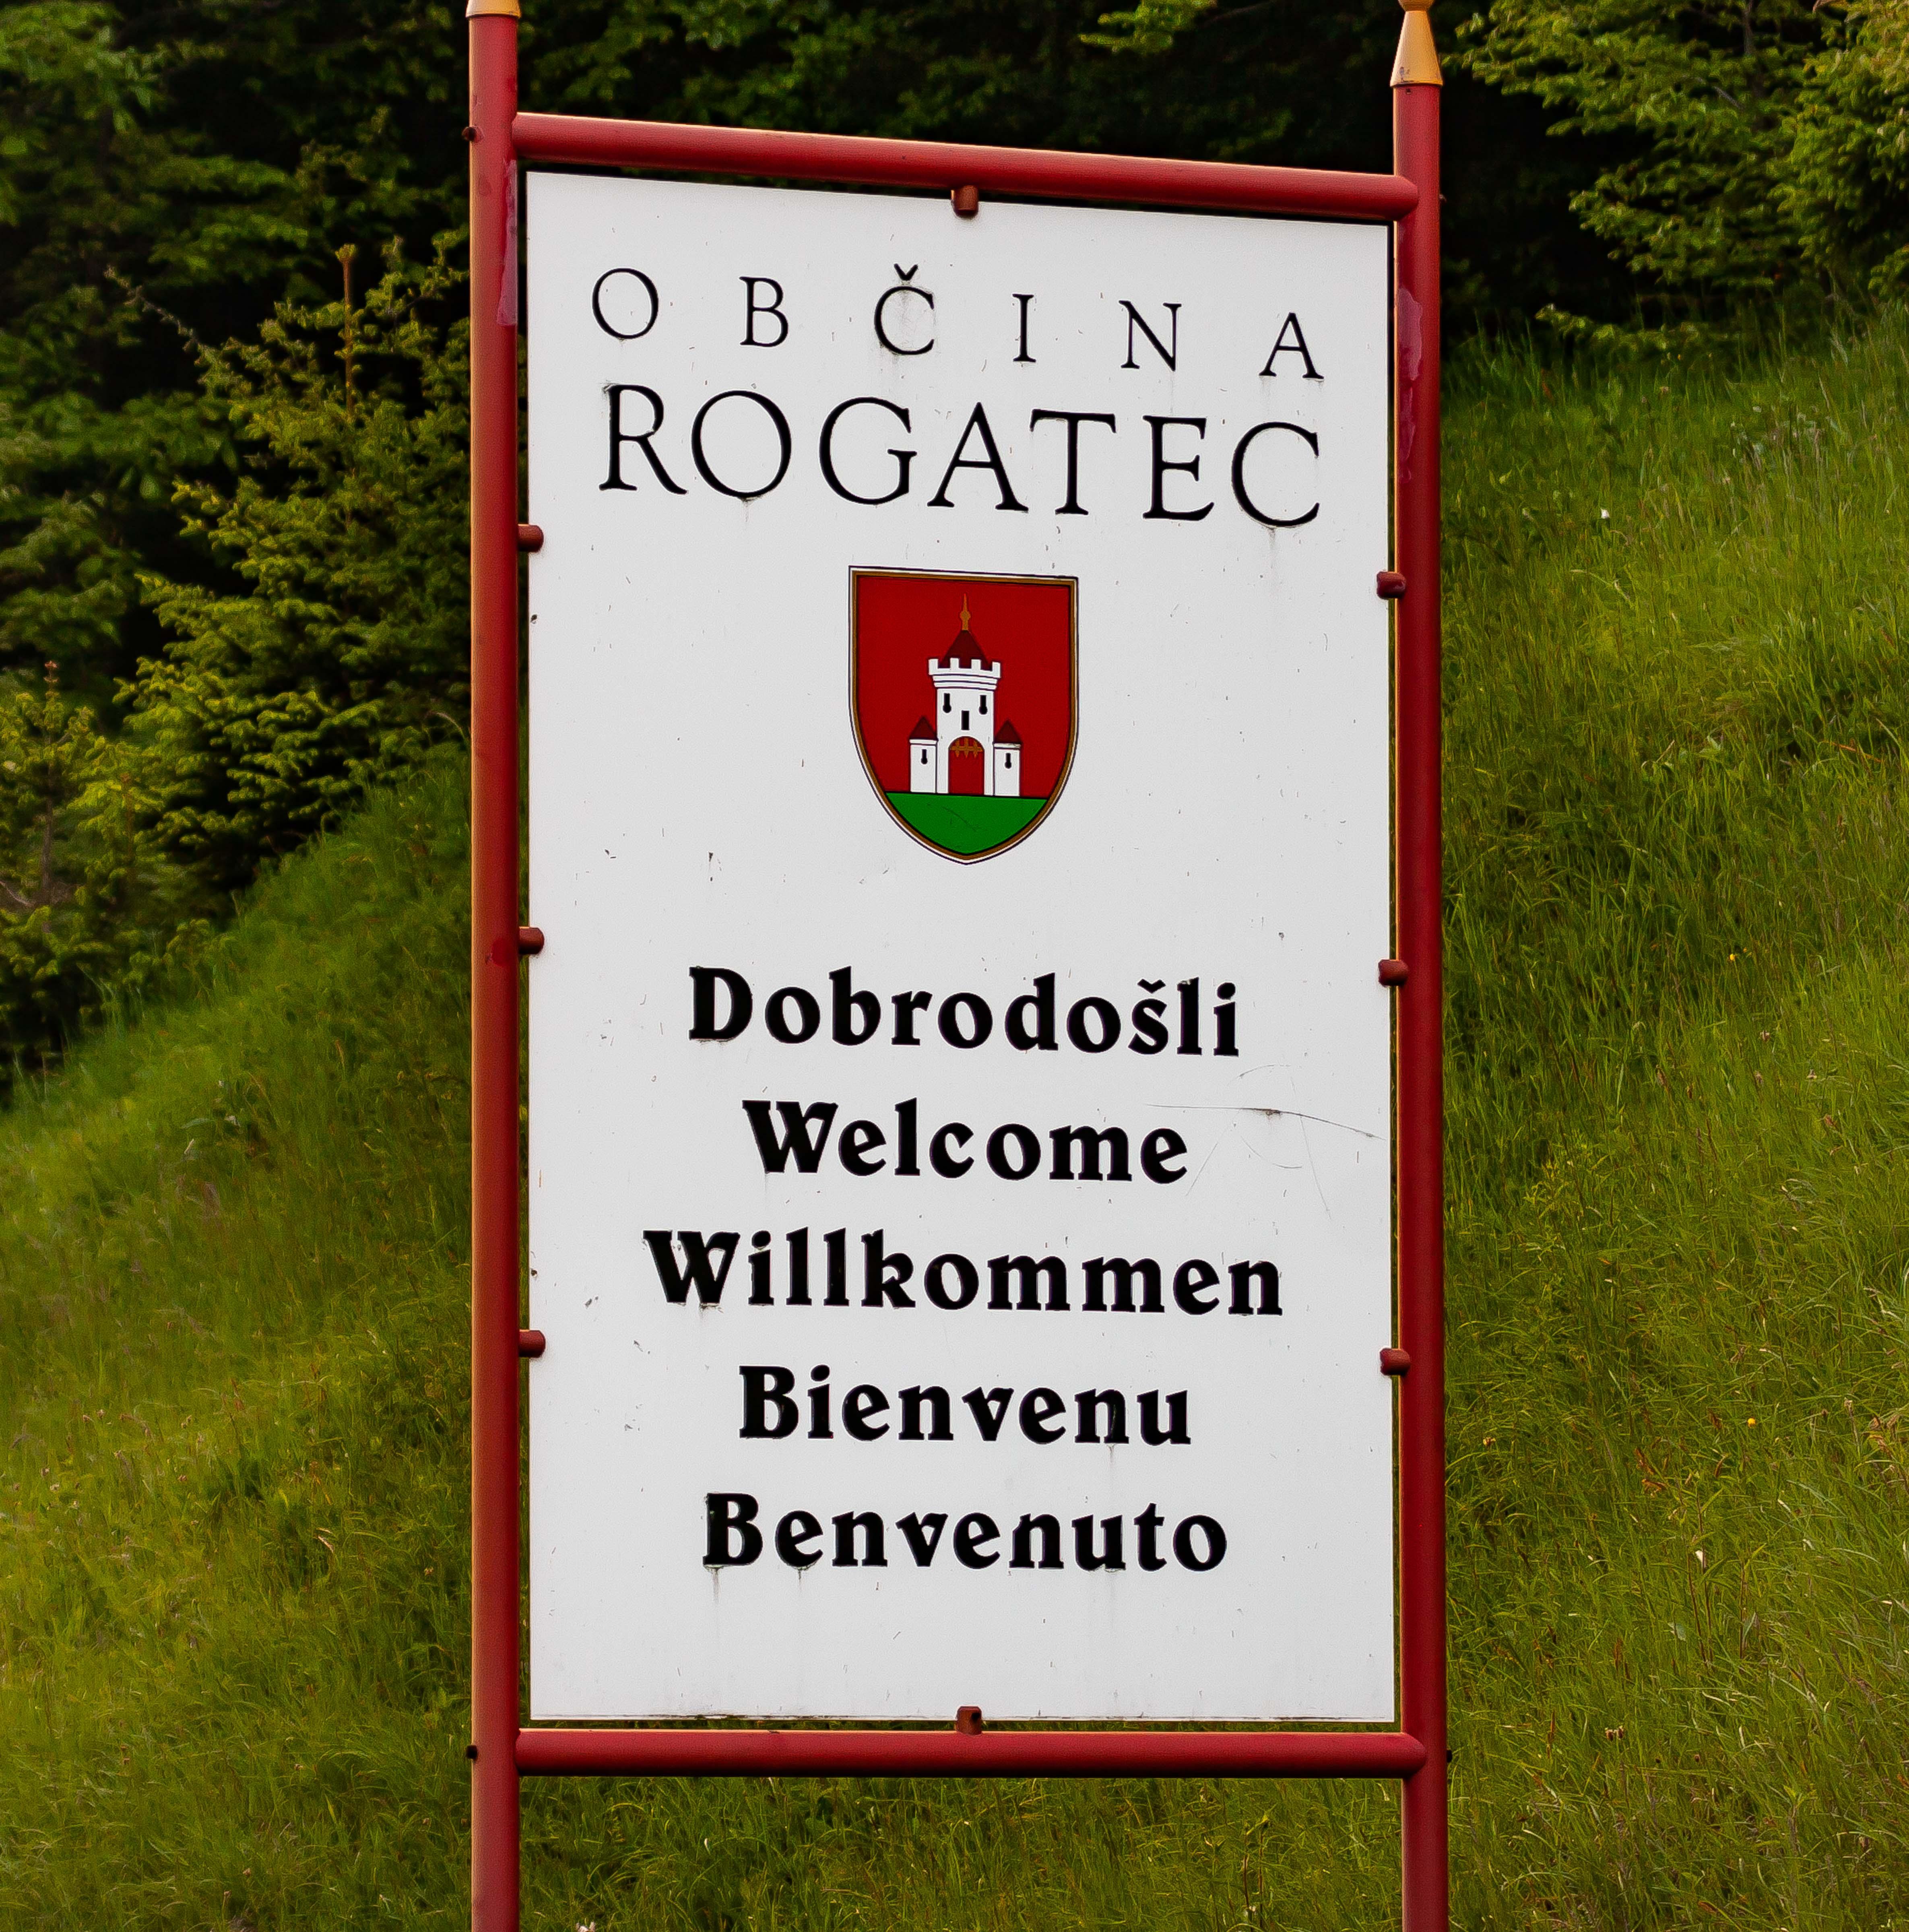 Slovenia, Rogatec Prov, Dobrodosli Obcina Rogatec, 2006, IMG 5494